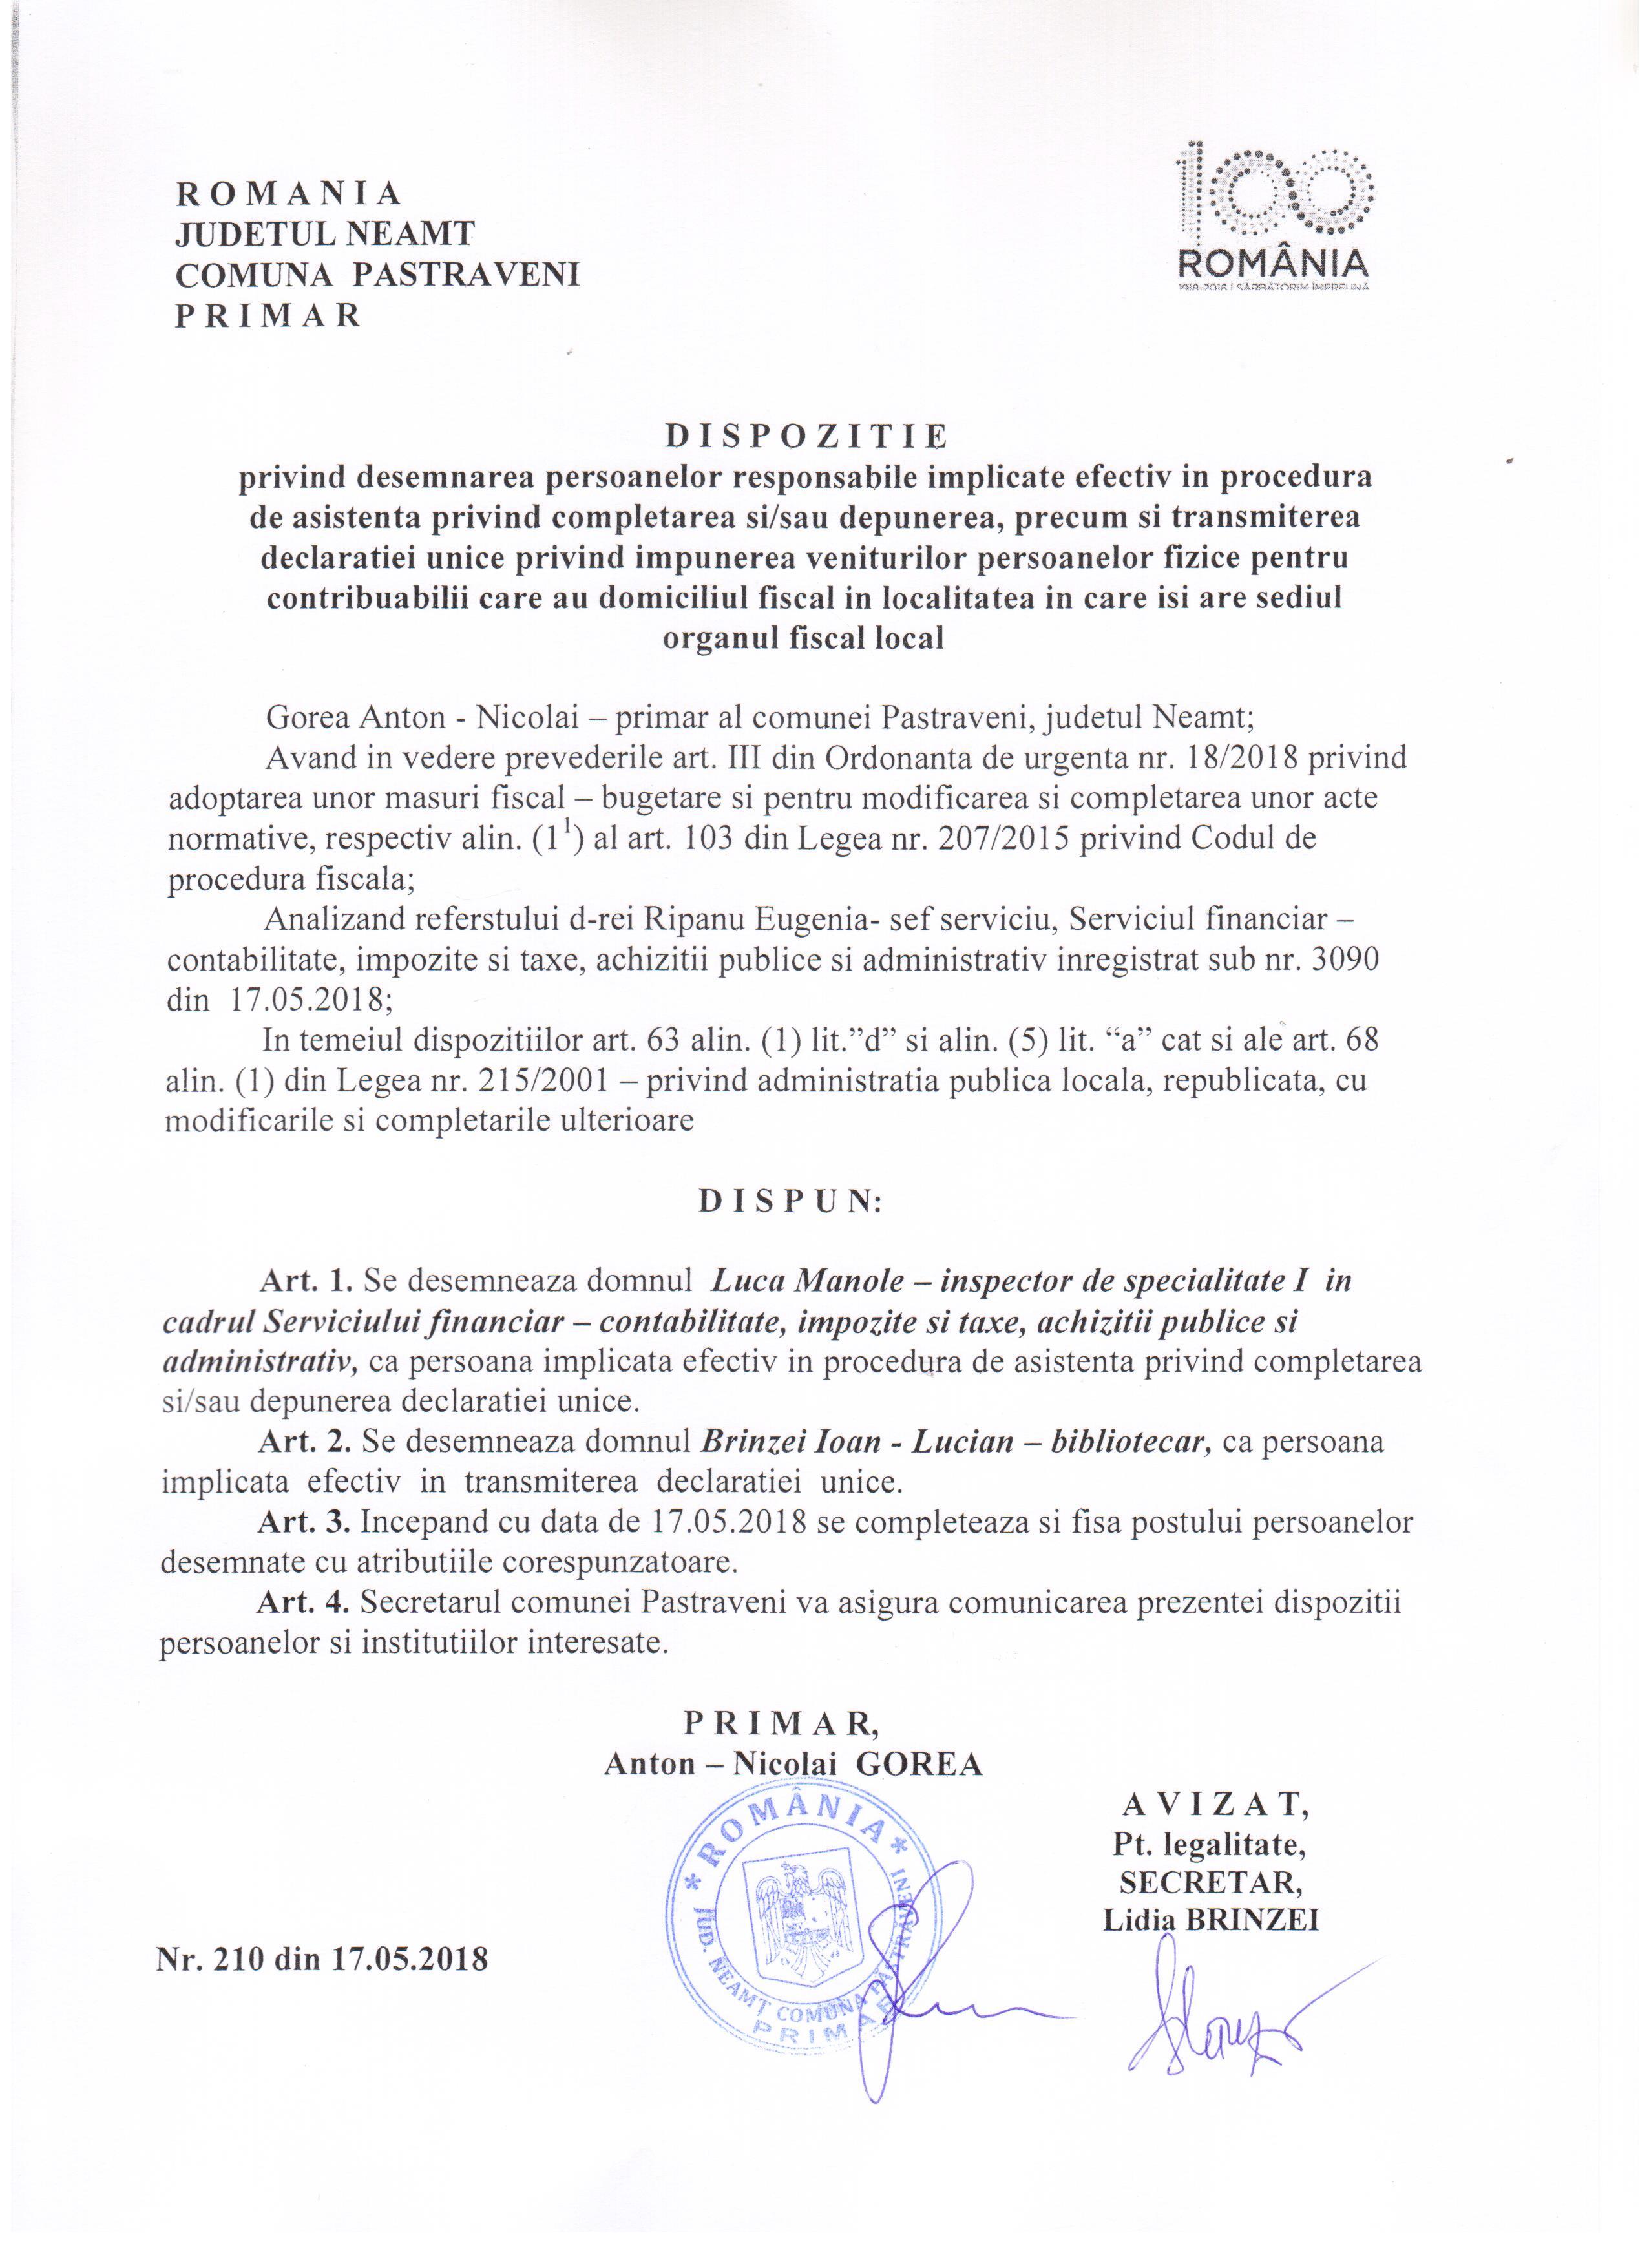 Dispozitia nr 210 din 2018 privind desemnare persoana privind declaratia unica